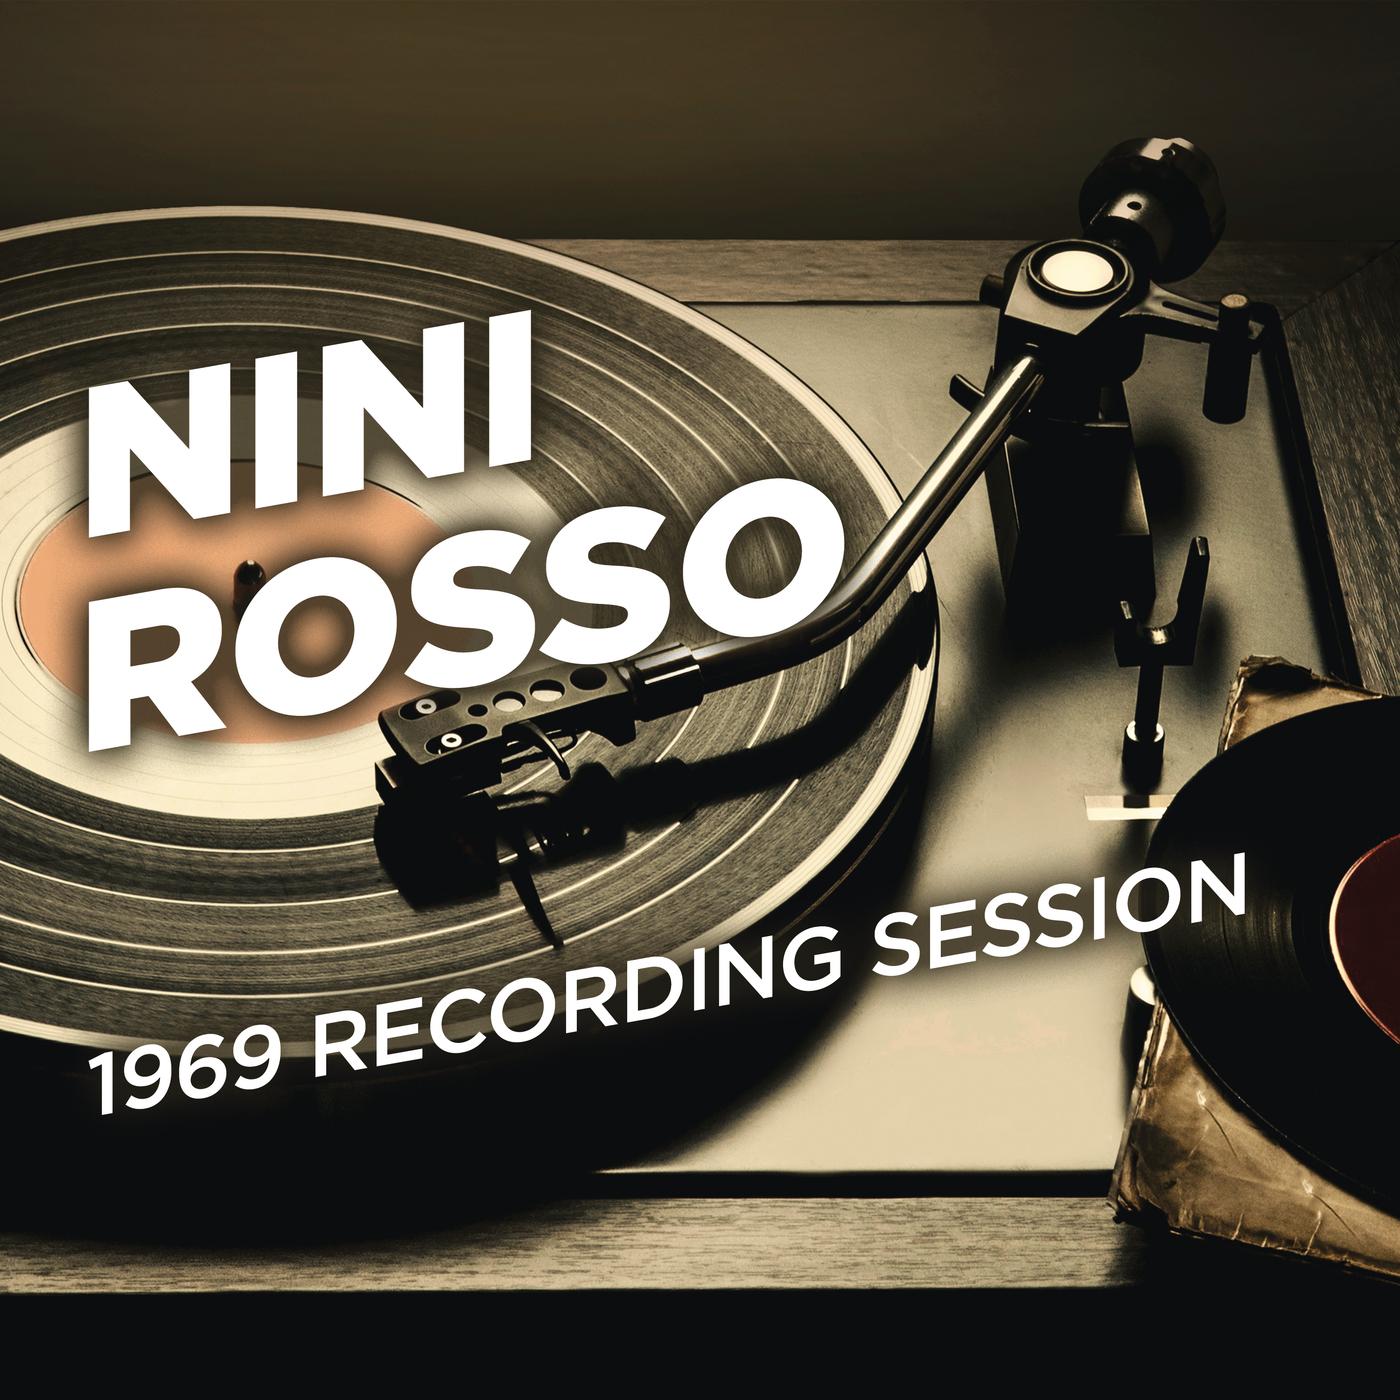 1969 Recording Session - Nini Rosso